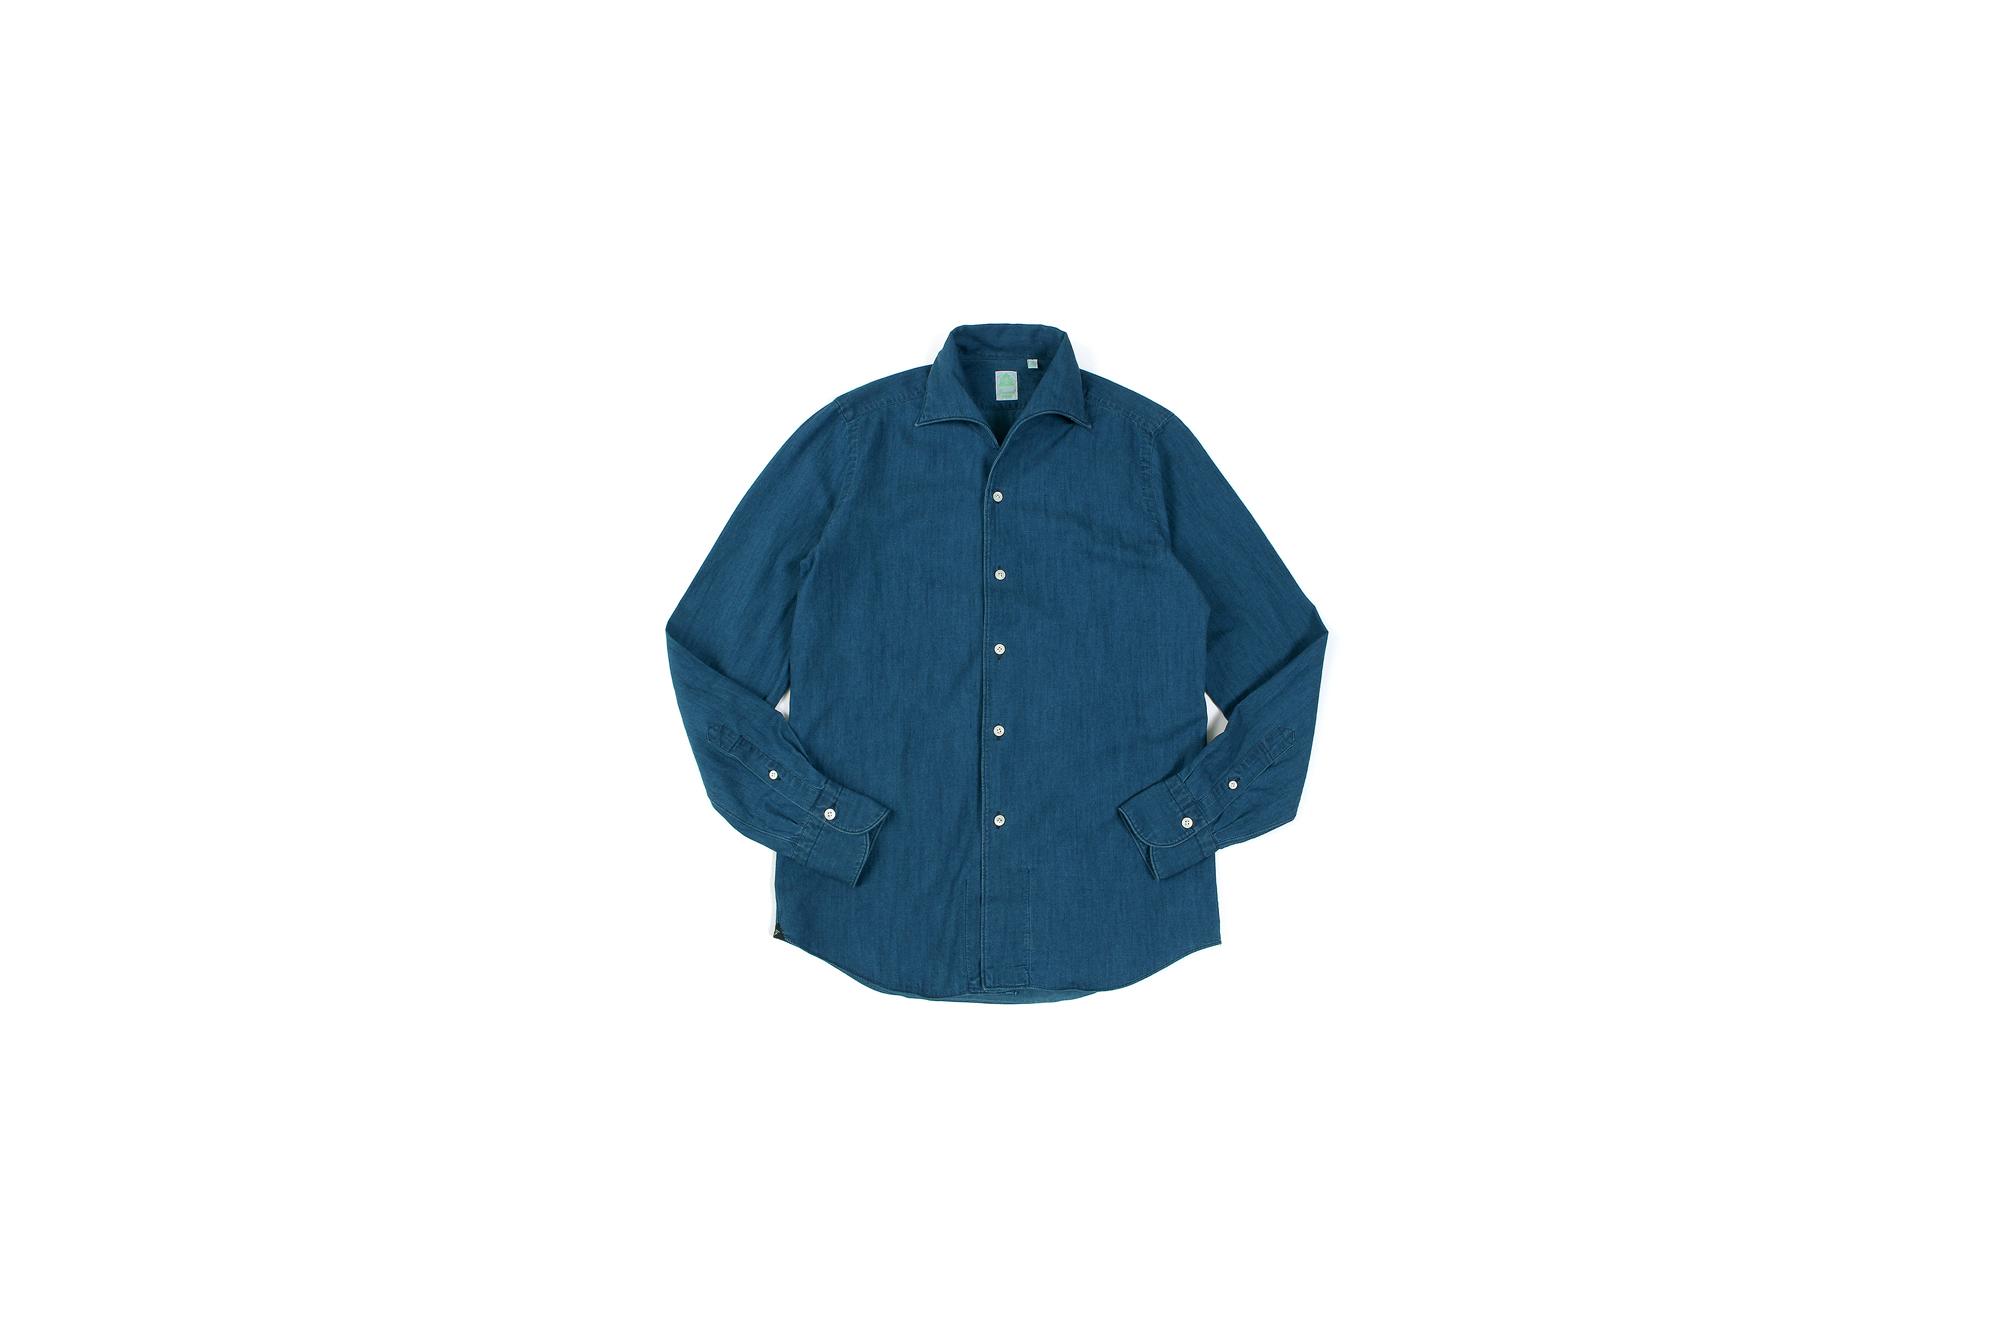 Finamore (フィナモレ) SEUL ITALIAN COLOR DENIM SHIRTS デニム ワンピースカラー シャツ BLEACH (ブリーチ・01) made in italy (イタリア製) 2020 春夏新作 愛知 名古屋 altoediritto アルトエデリット デニムシャツ